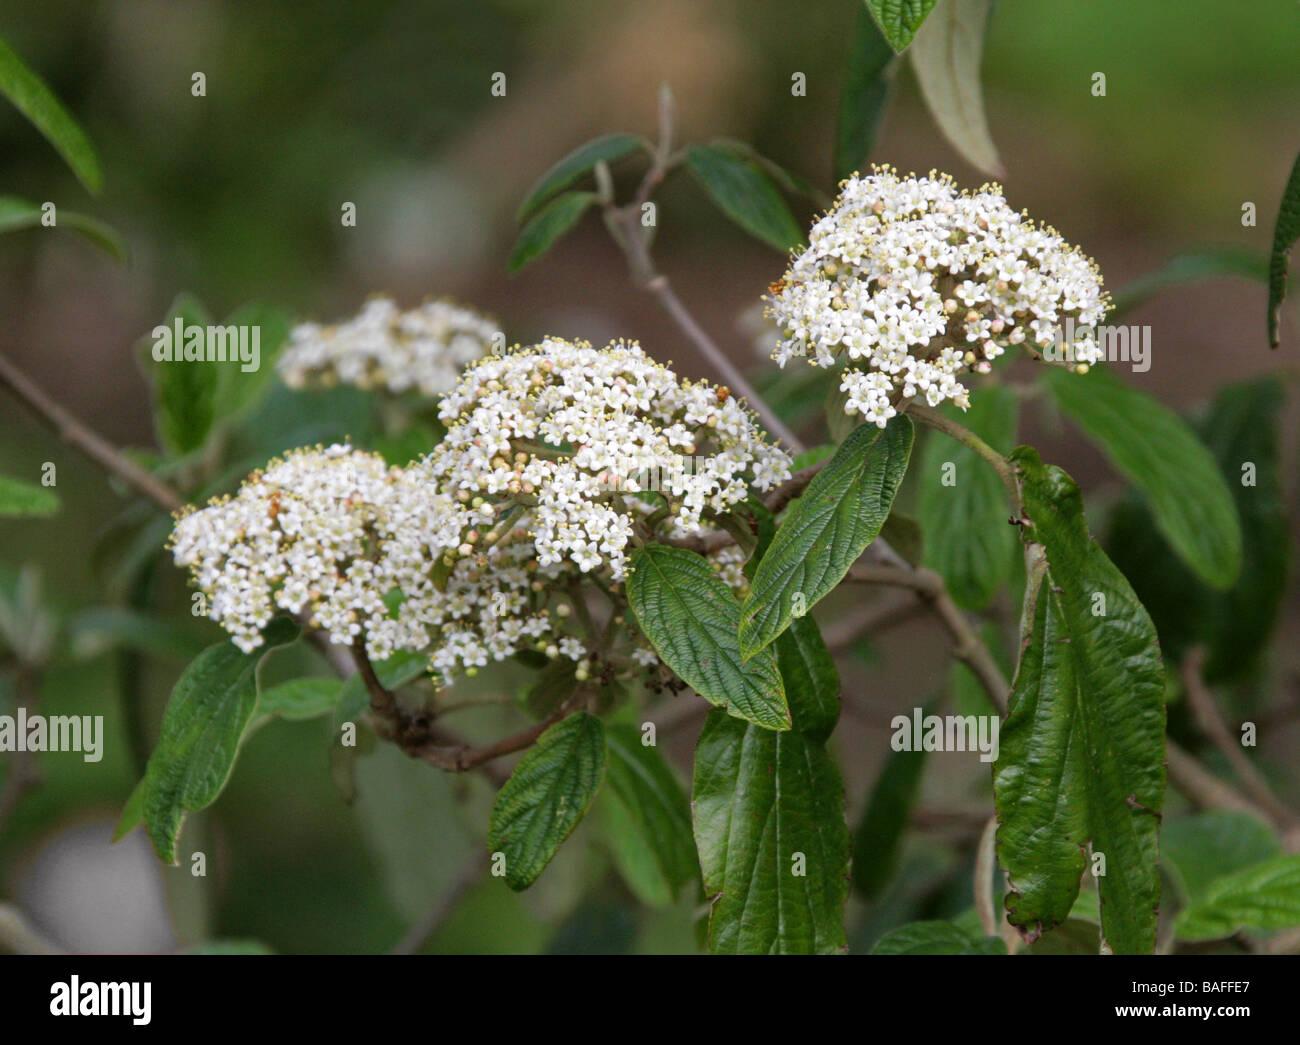 Leatherleaf Viburnum, Viburnum rhytidophyllum, Adoxaceae - Stock Image